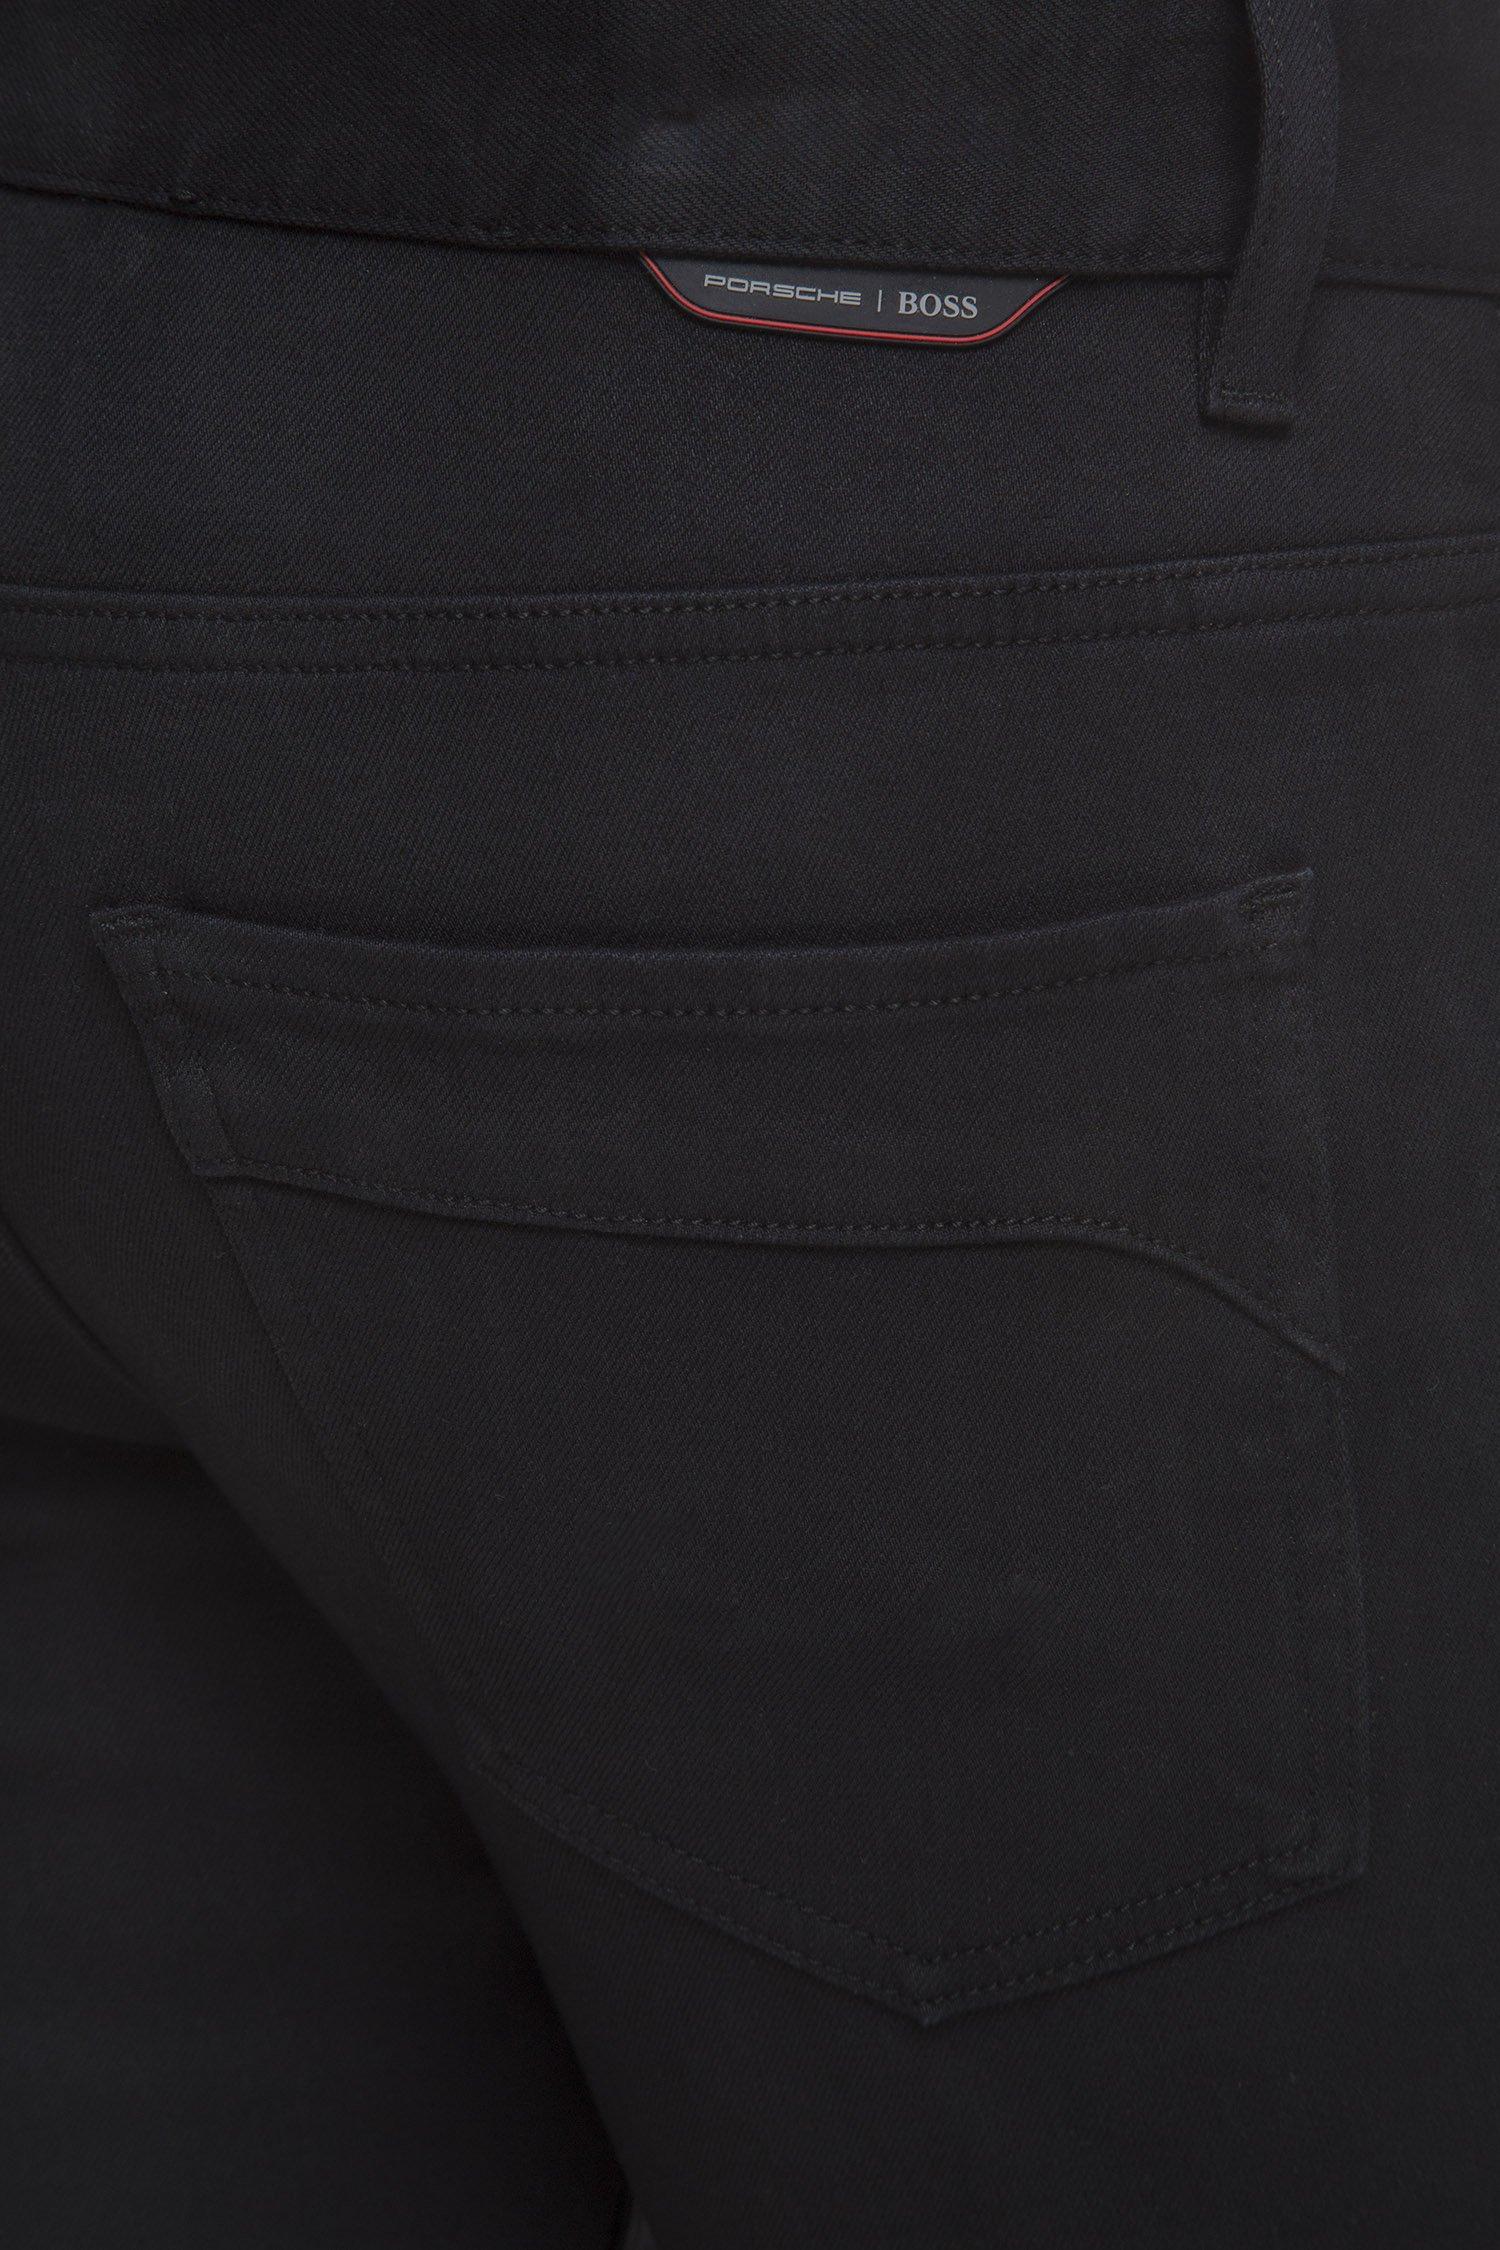 Мужские черные джинсы Porsche BOSS